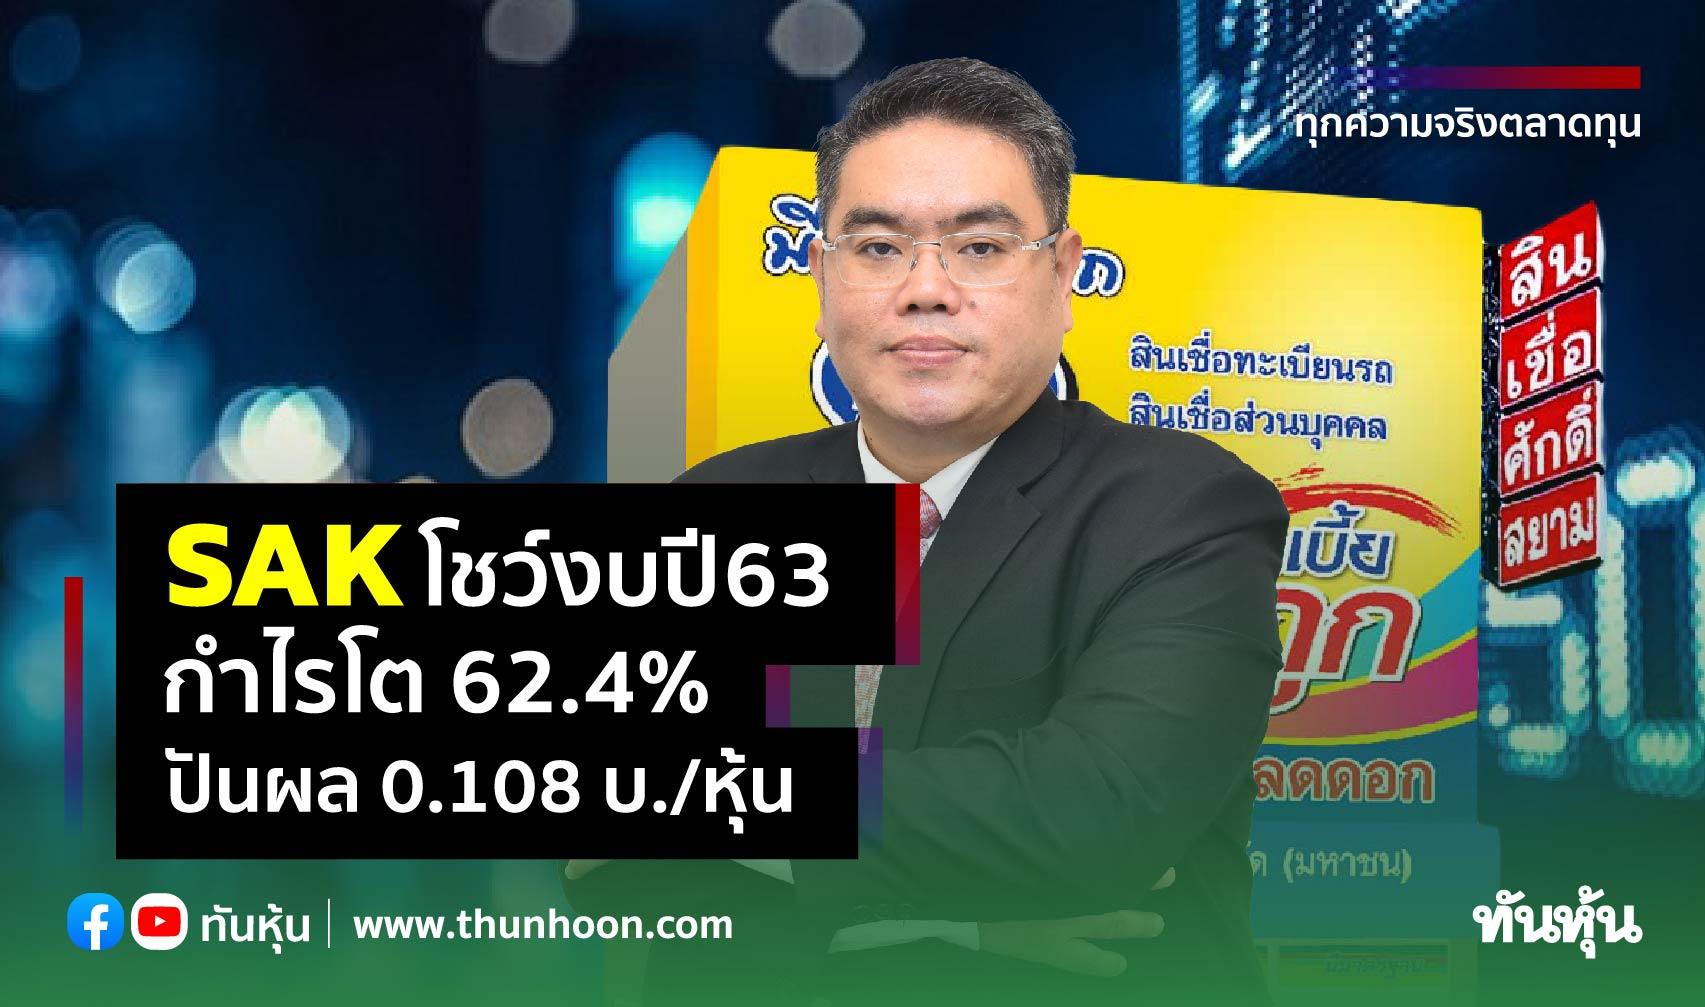 SAK โชว์งบปี 63 กำไรโต 62.4% ปันผล 0.108 บ./หุ้น